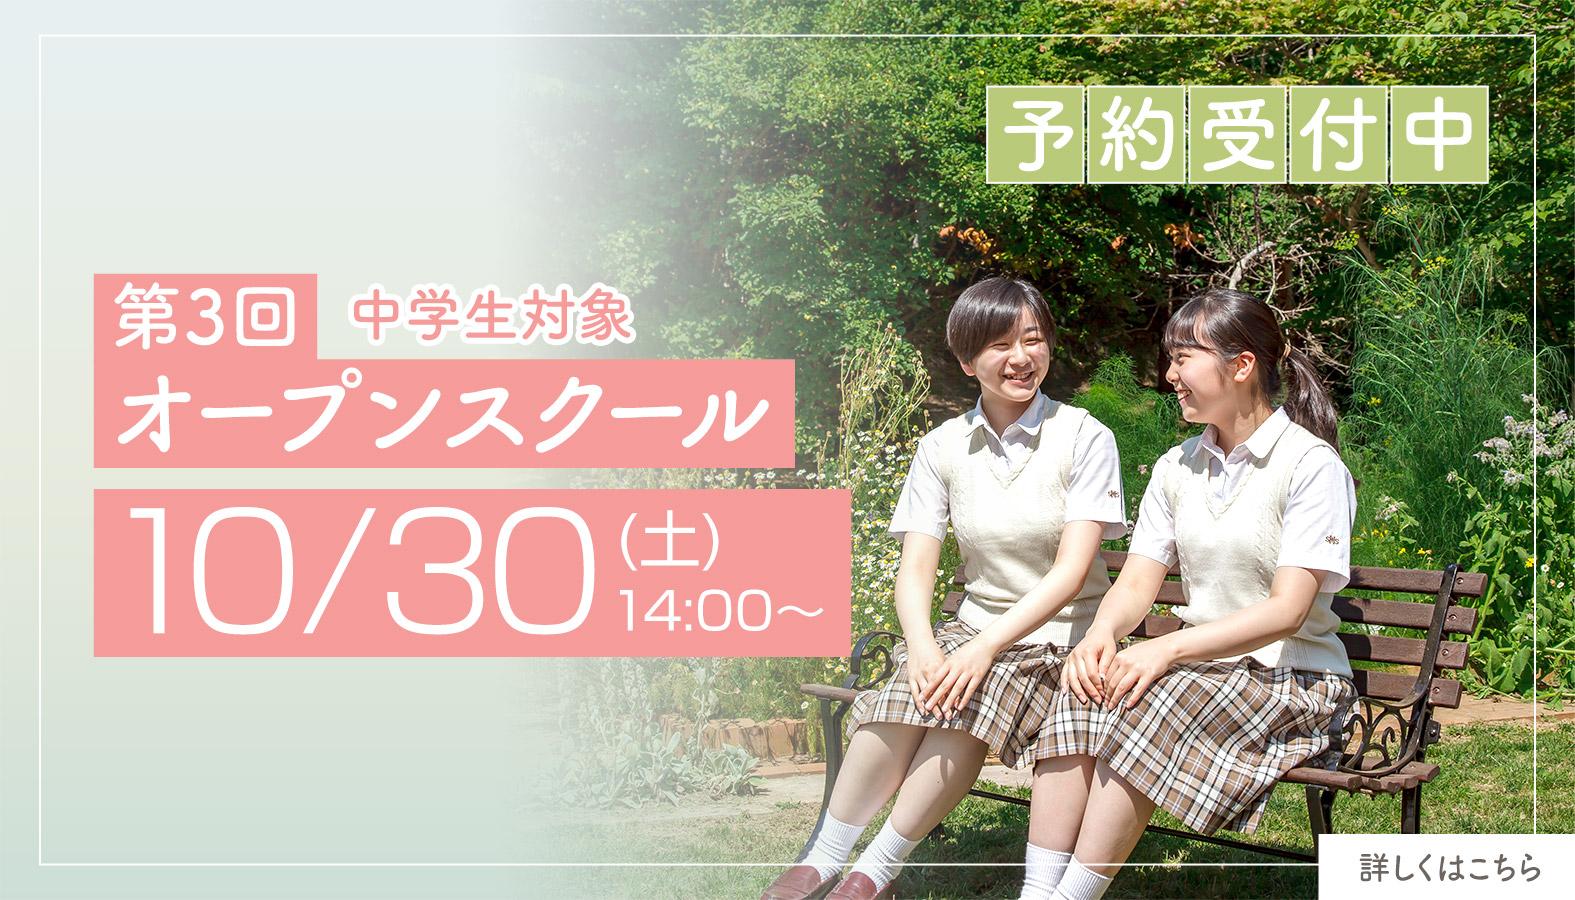 中学生対象 第3回オープンスクール 10/30(土) 14:00~ 予約受付中